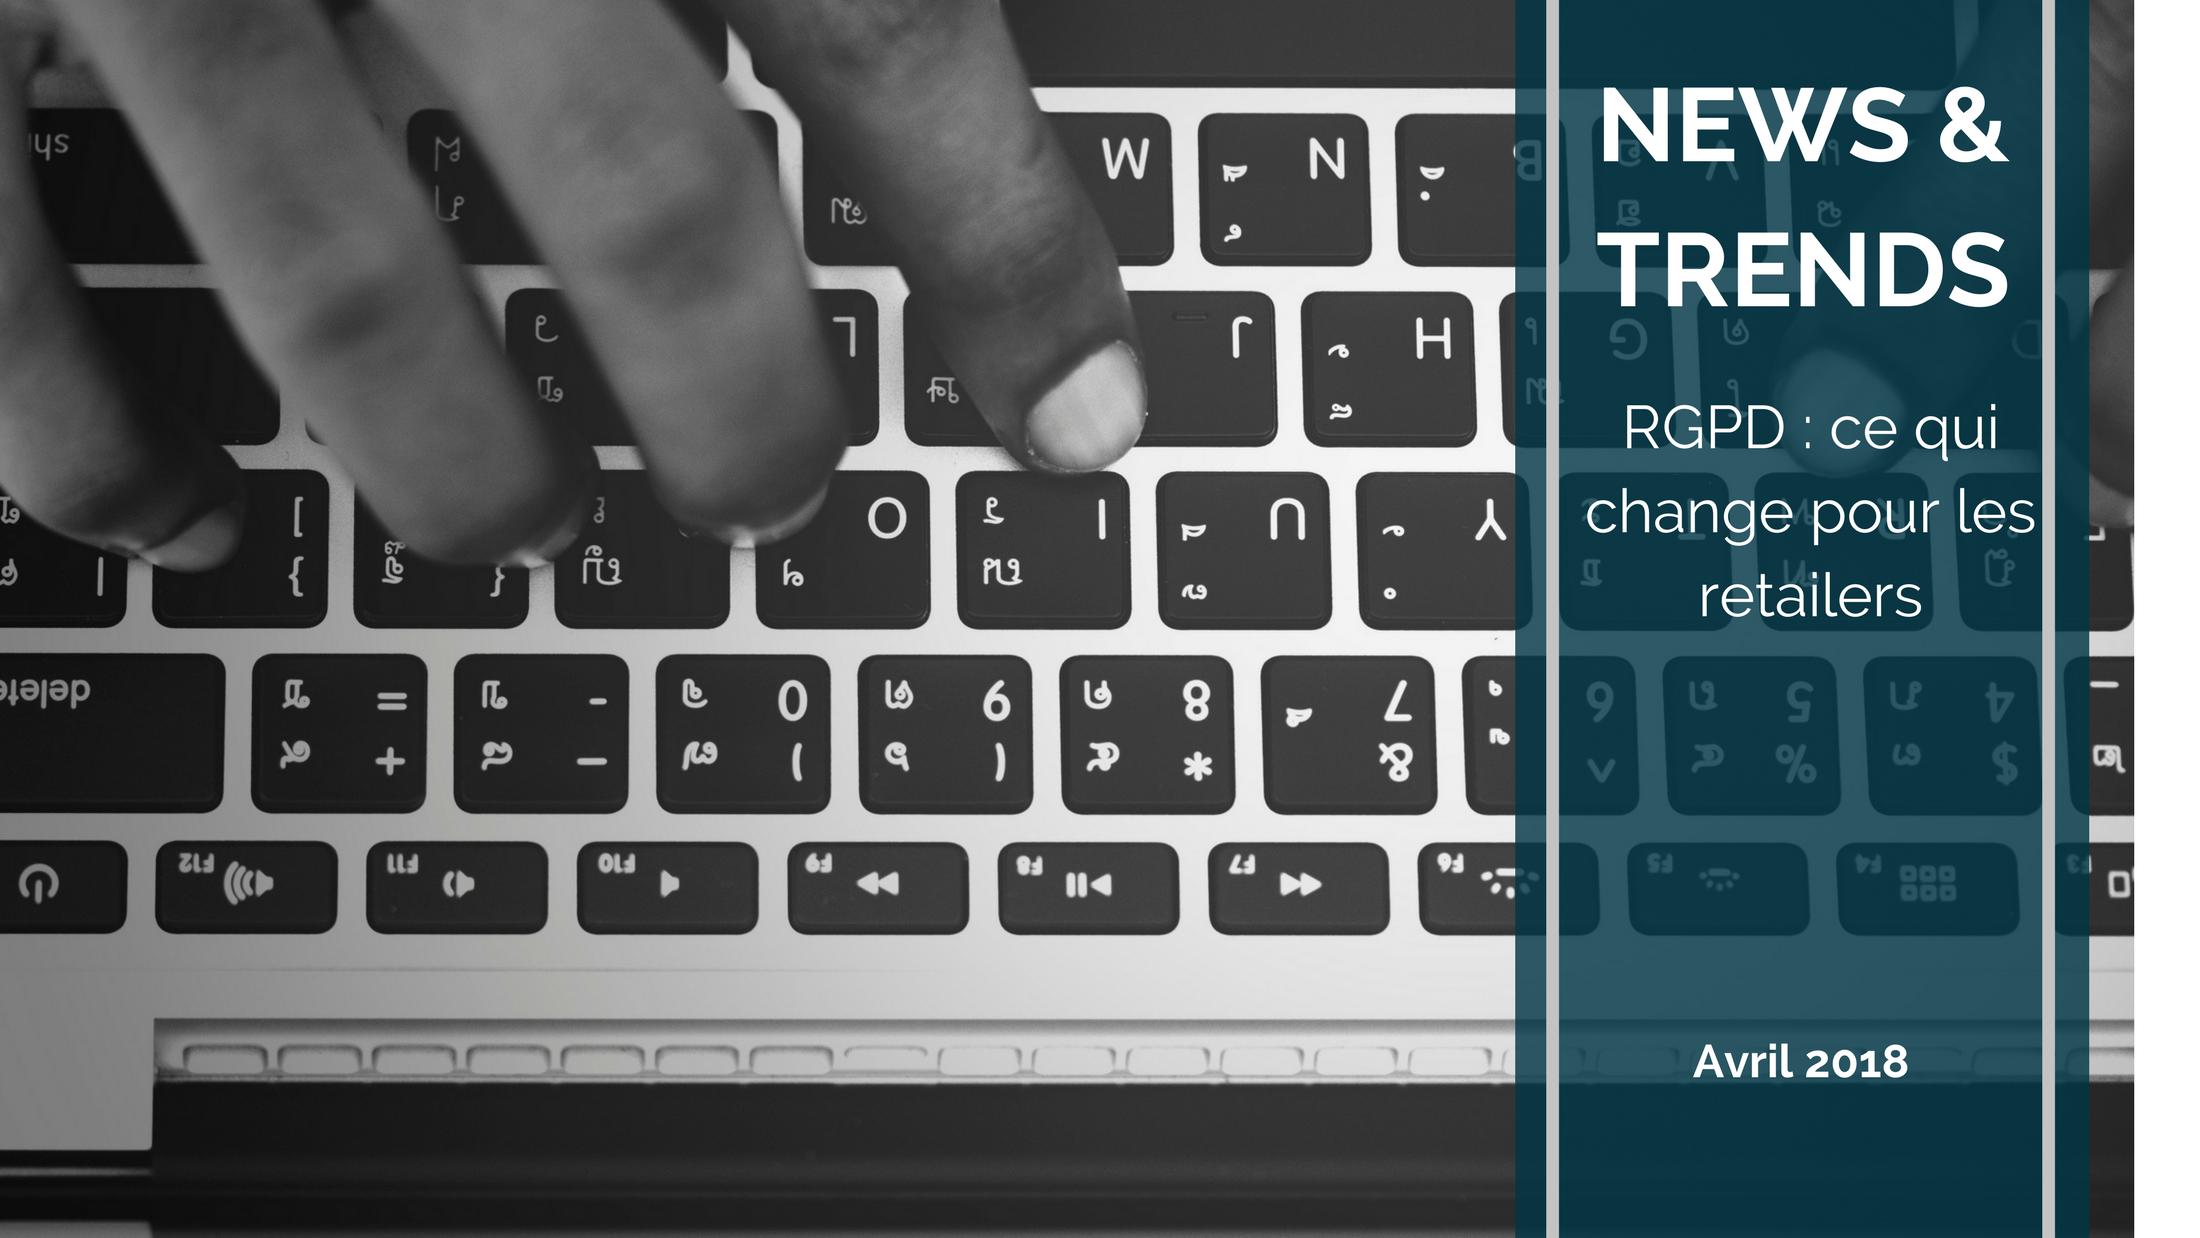 Trends News suite 1 - RGPD : ce qui change pour les retailers